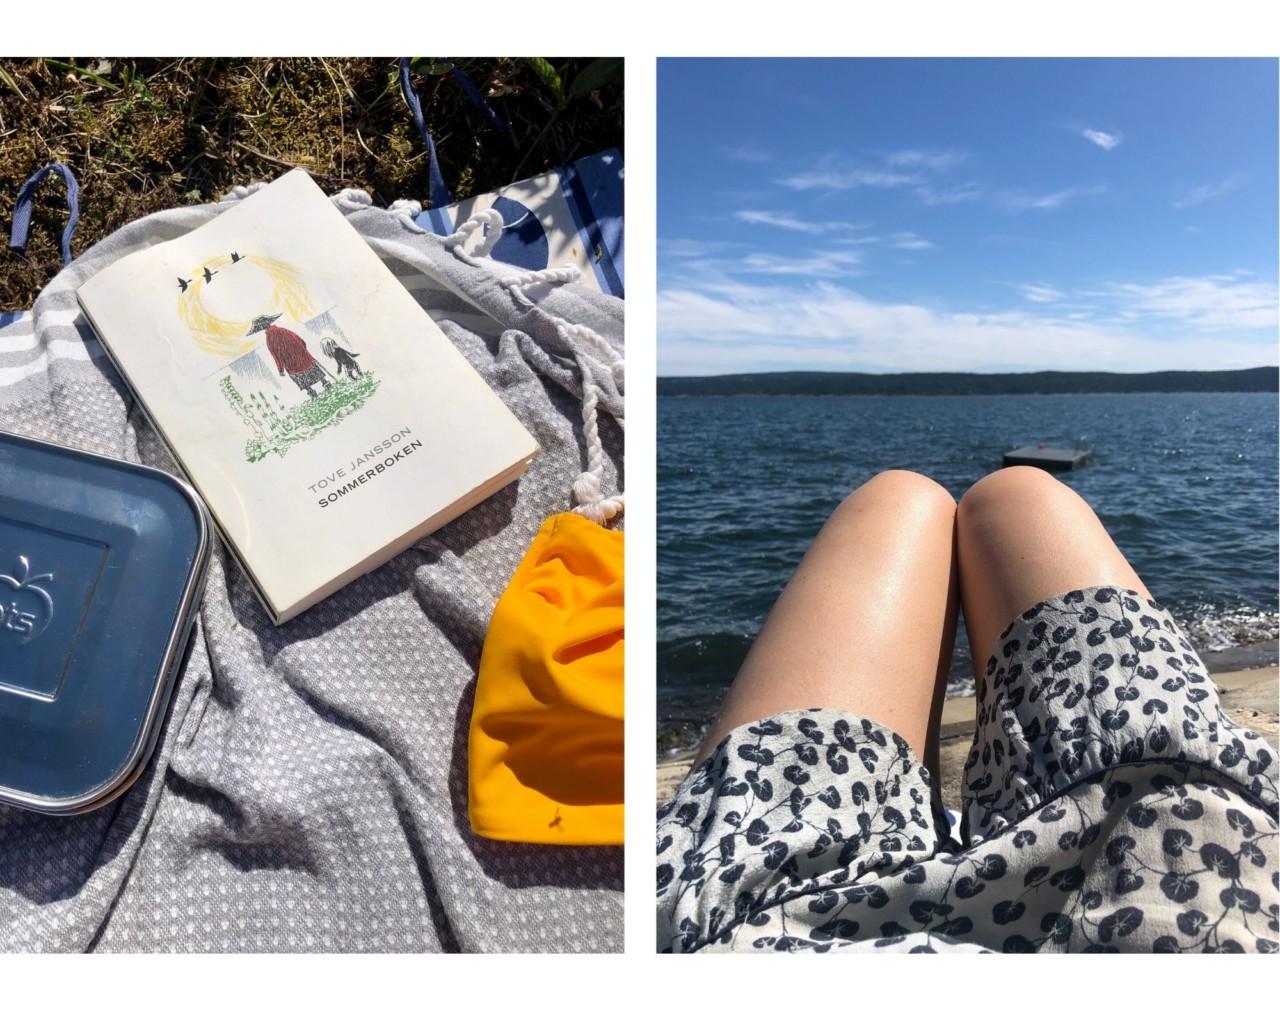 sol-sommer-havet-ganni-sommerboken-tove-jansson-resirkulert-bikini-weekdays